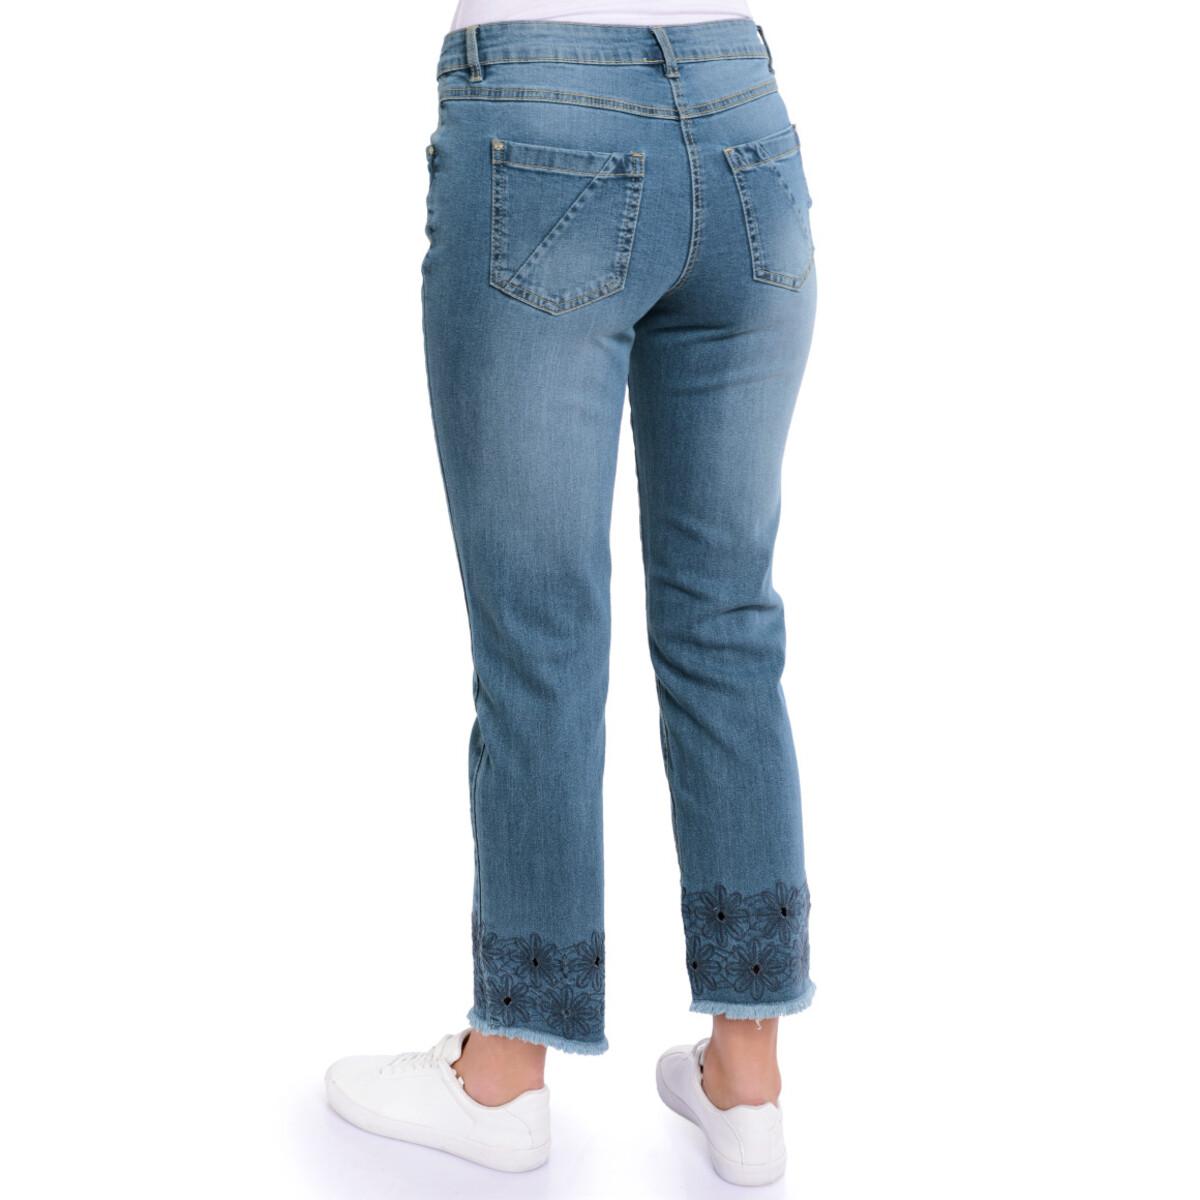 Bild 3 von 7/8 Damen Straight-Jeans mit Stickerei